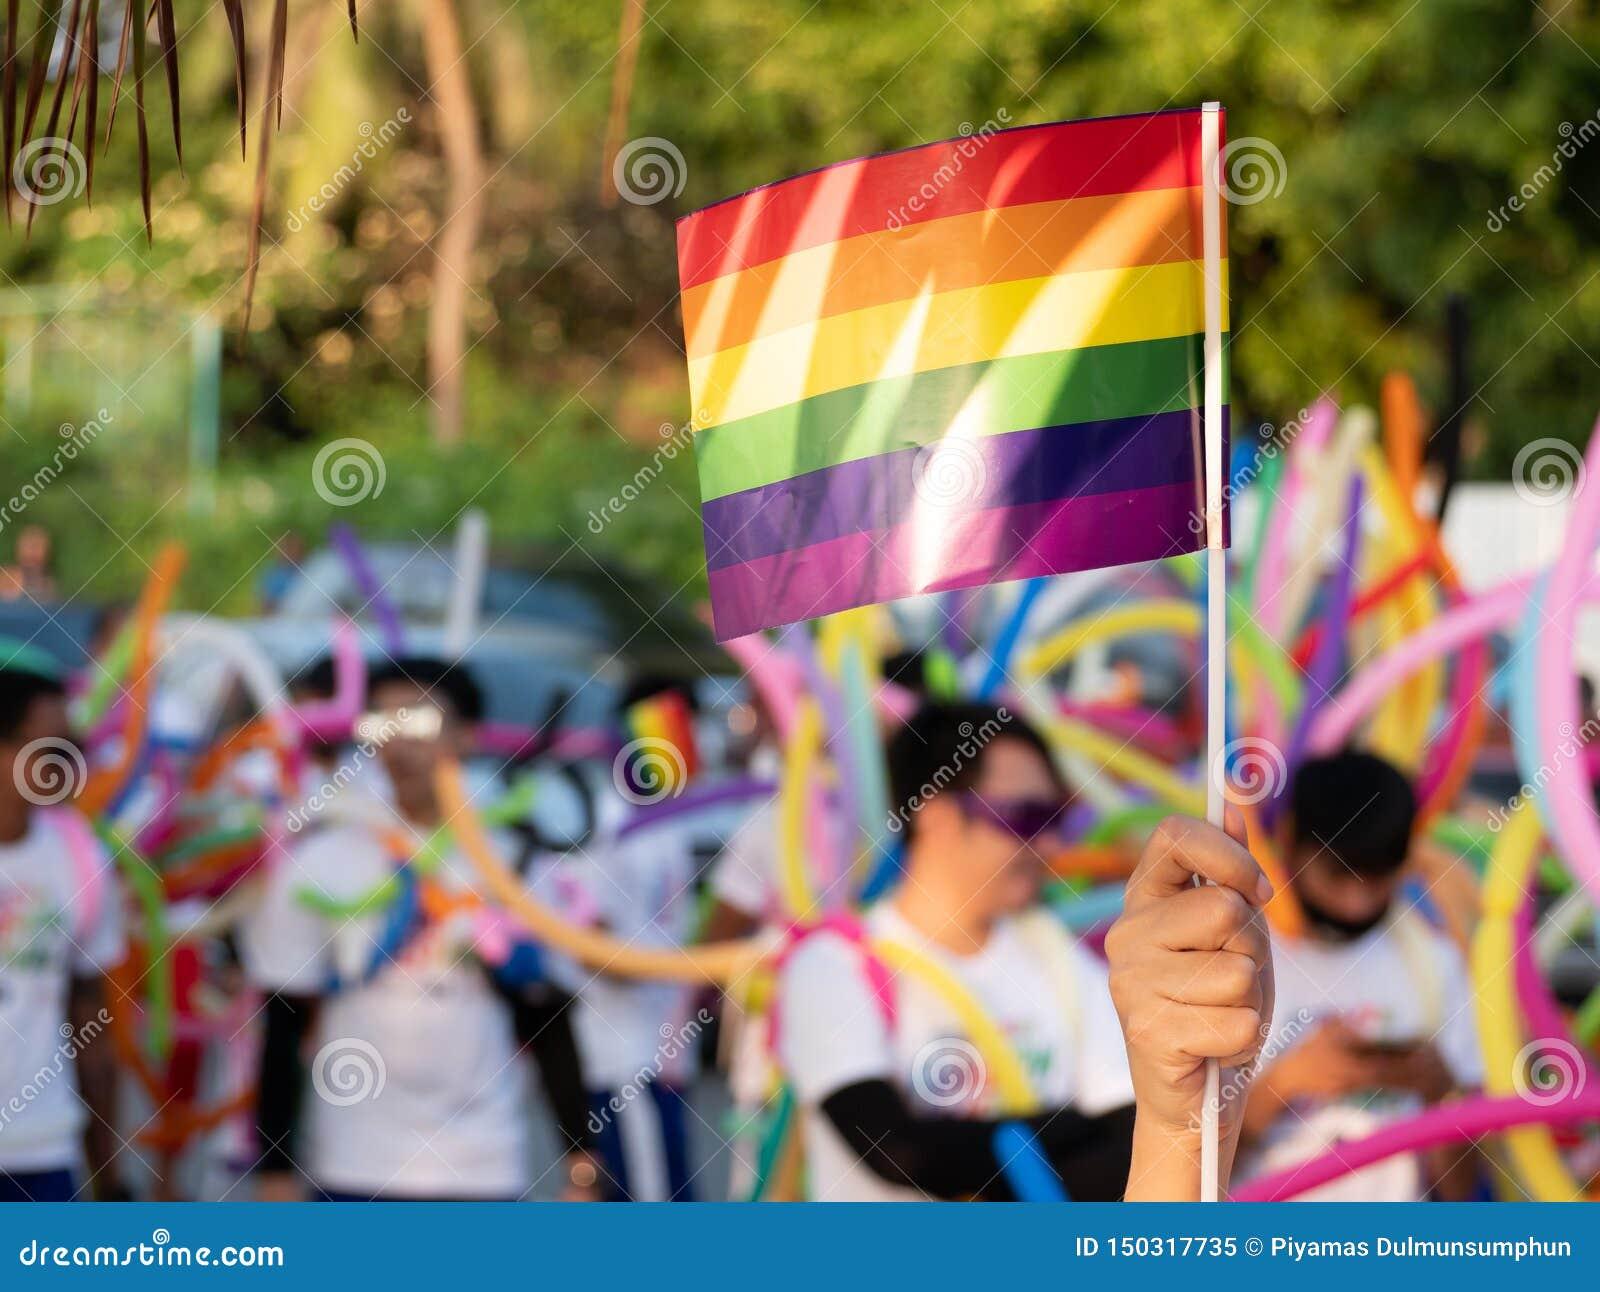 Предпосылка месяца гордости LGBT зритель развевает флаг радуги гея на фестивале парада гей-парада LGBT в Таиланде